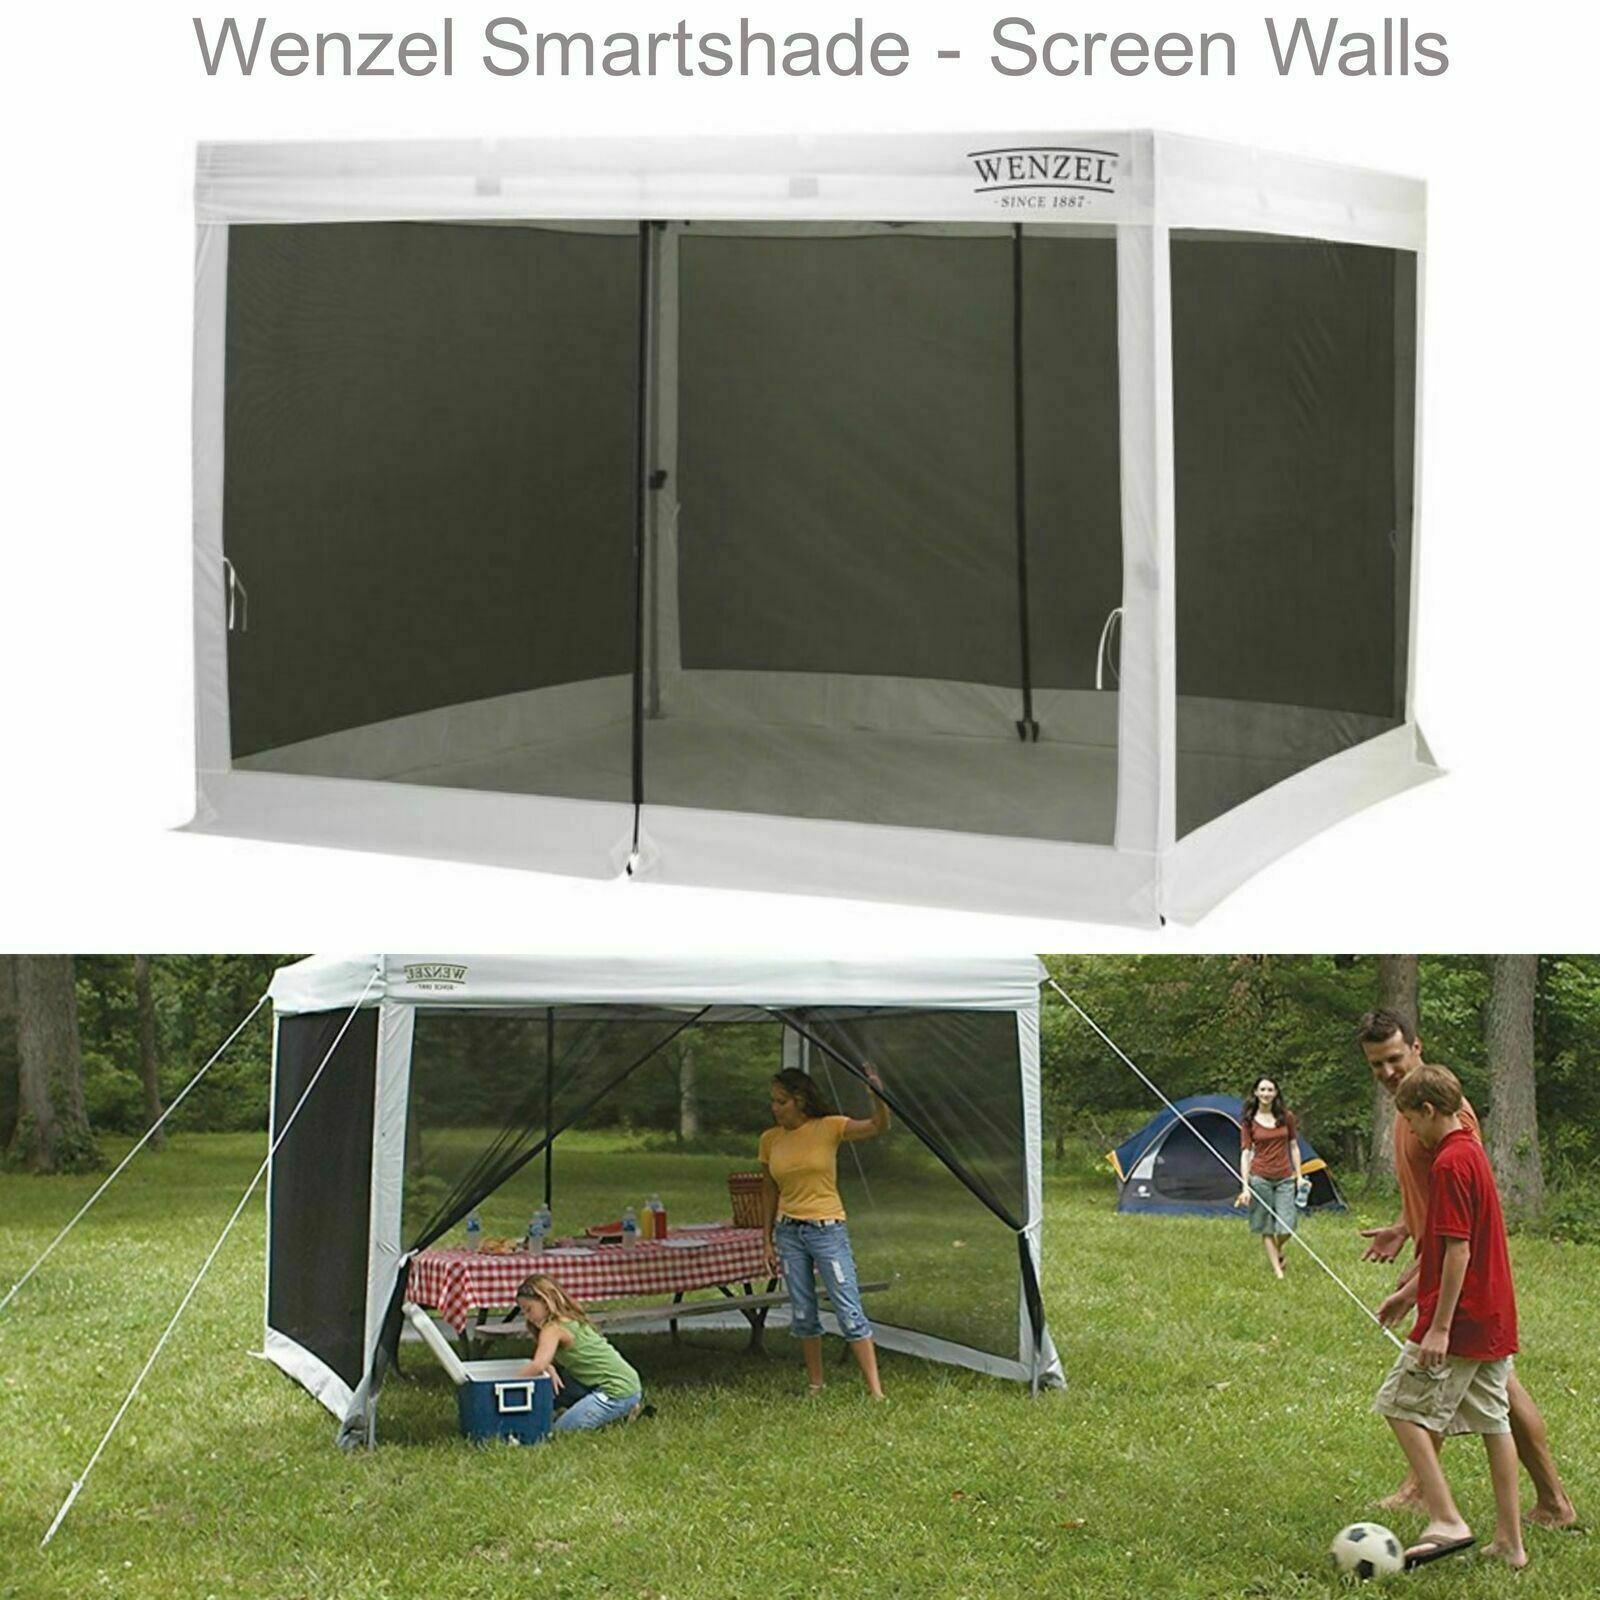 nuovo Wenzel Smartshade poliestere forte muri dello schermo Prossoettore degli insetti  33049